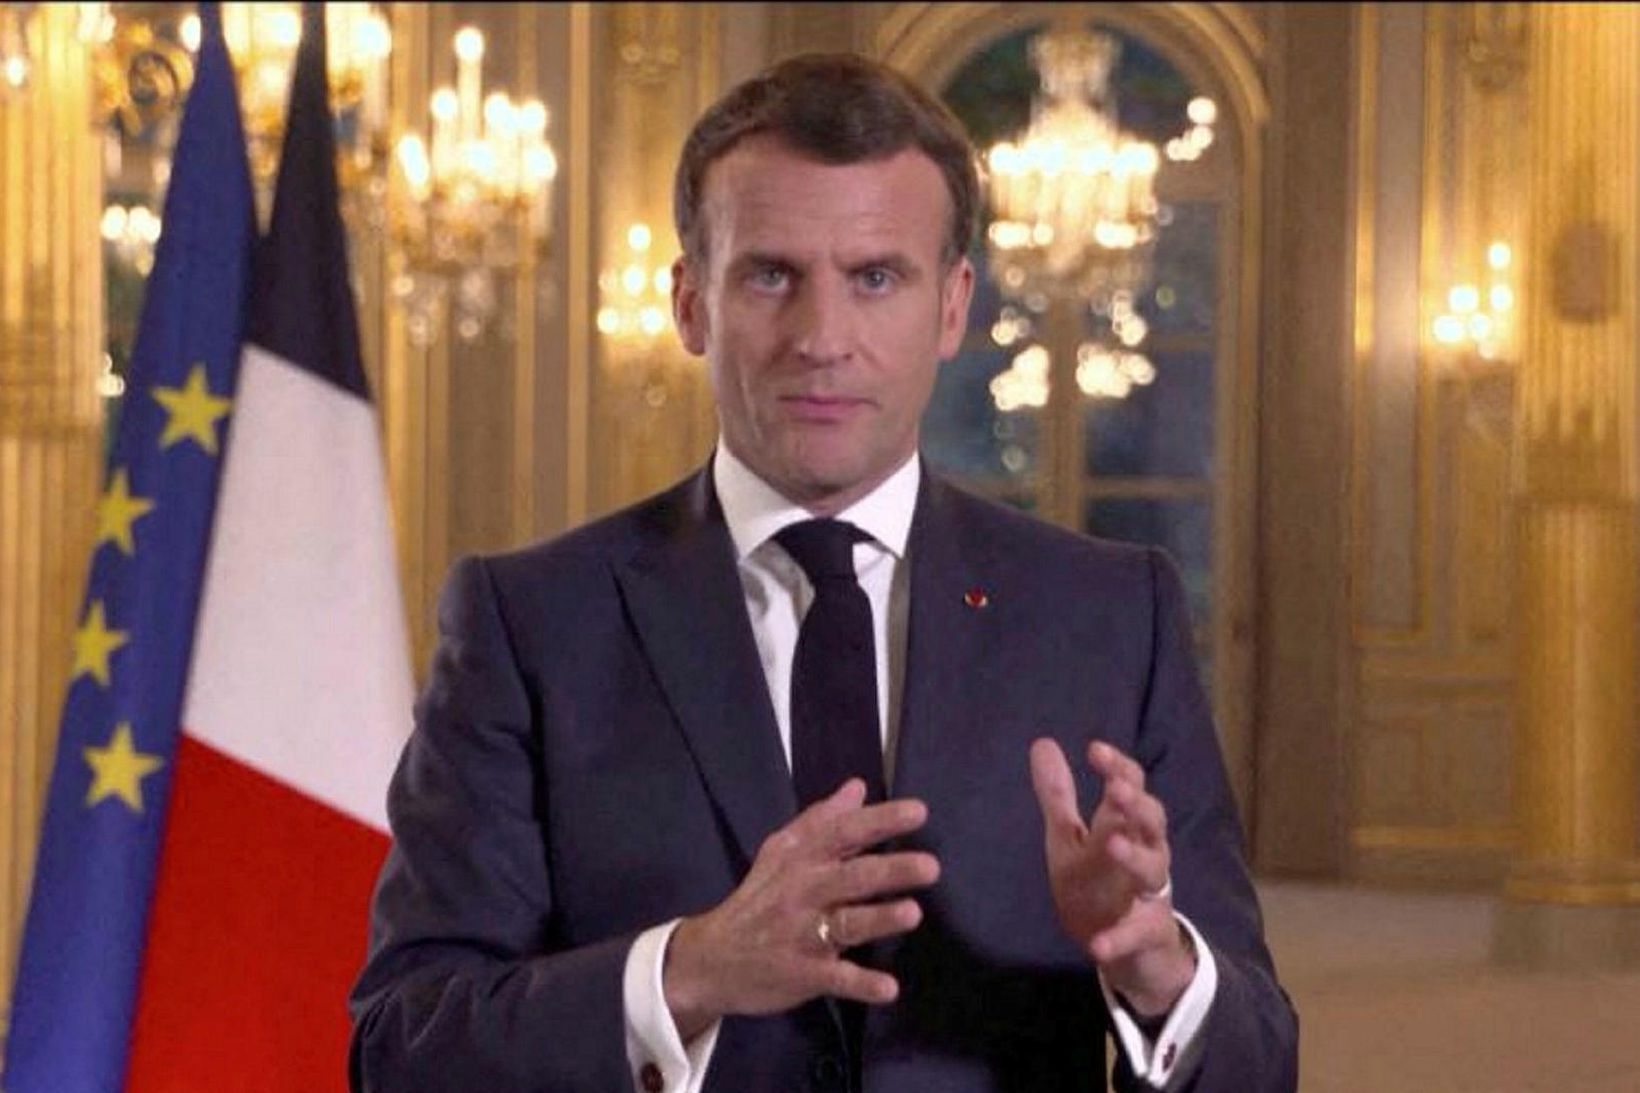 Emmanuel Macron forseti Frakklands.